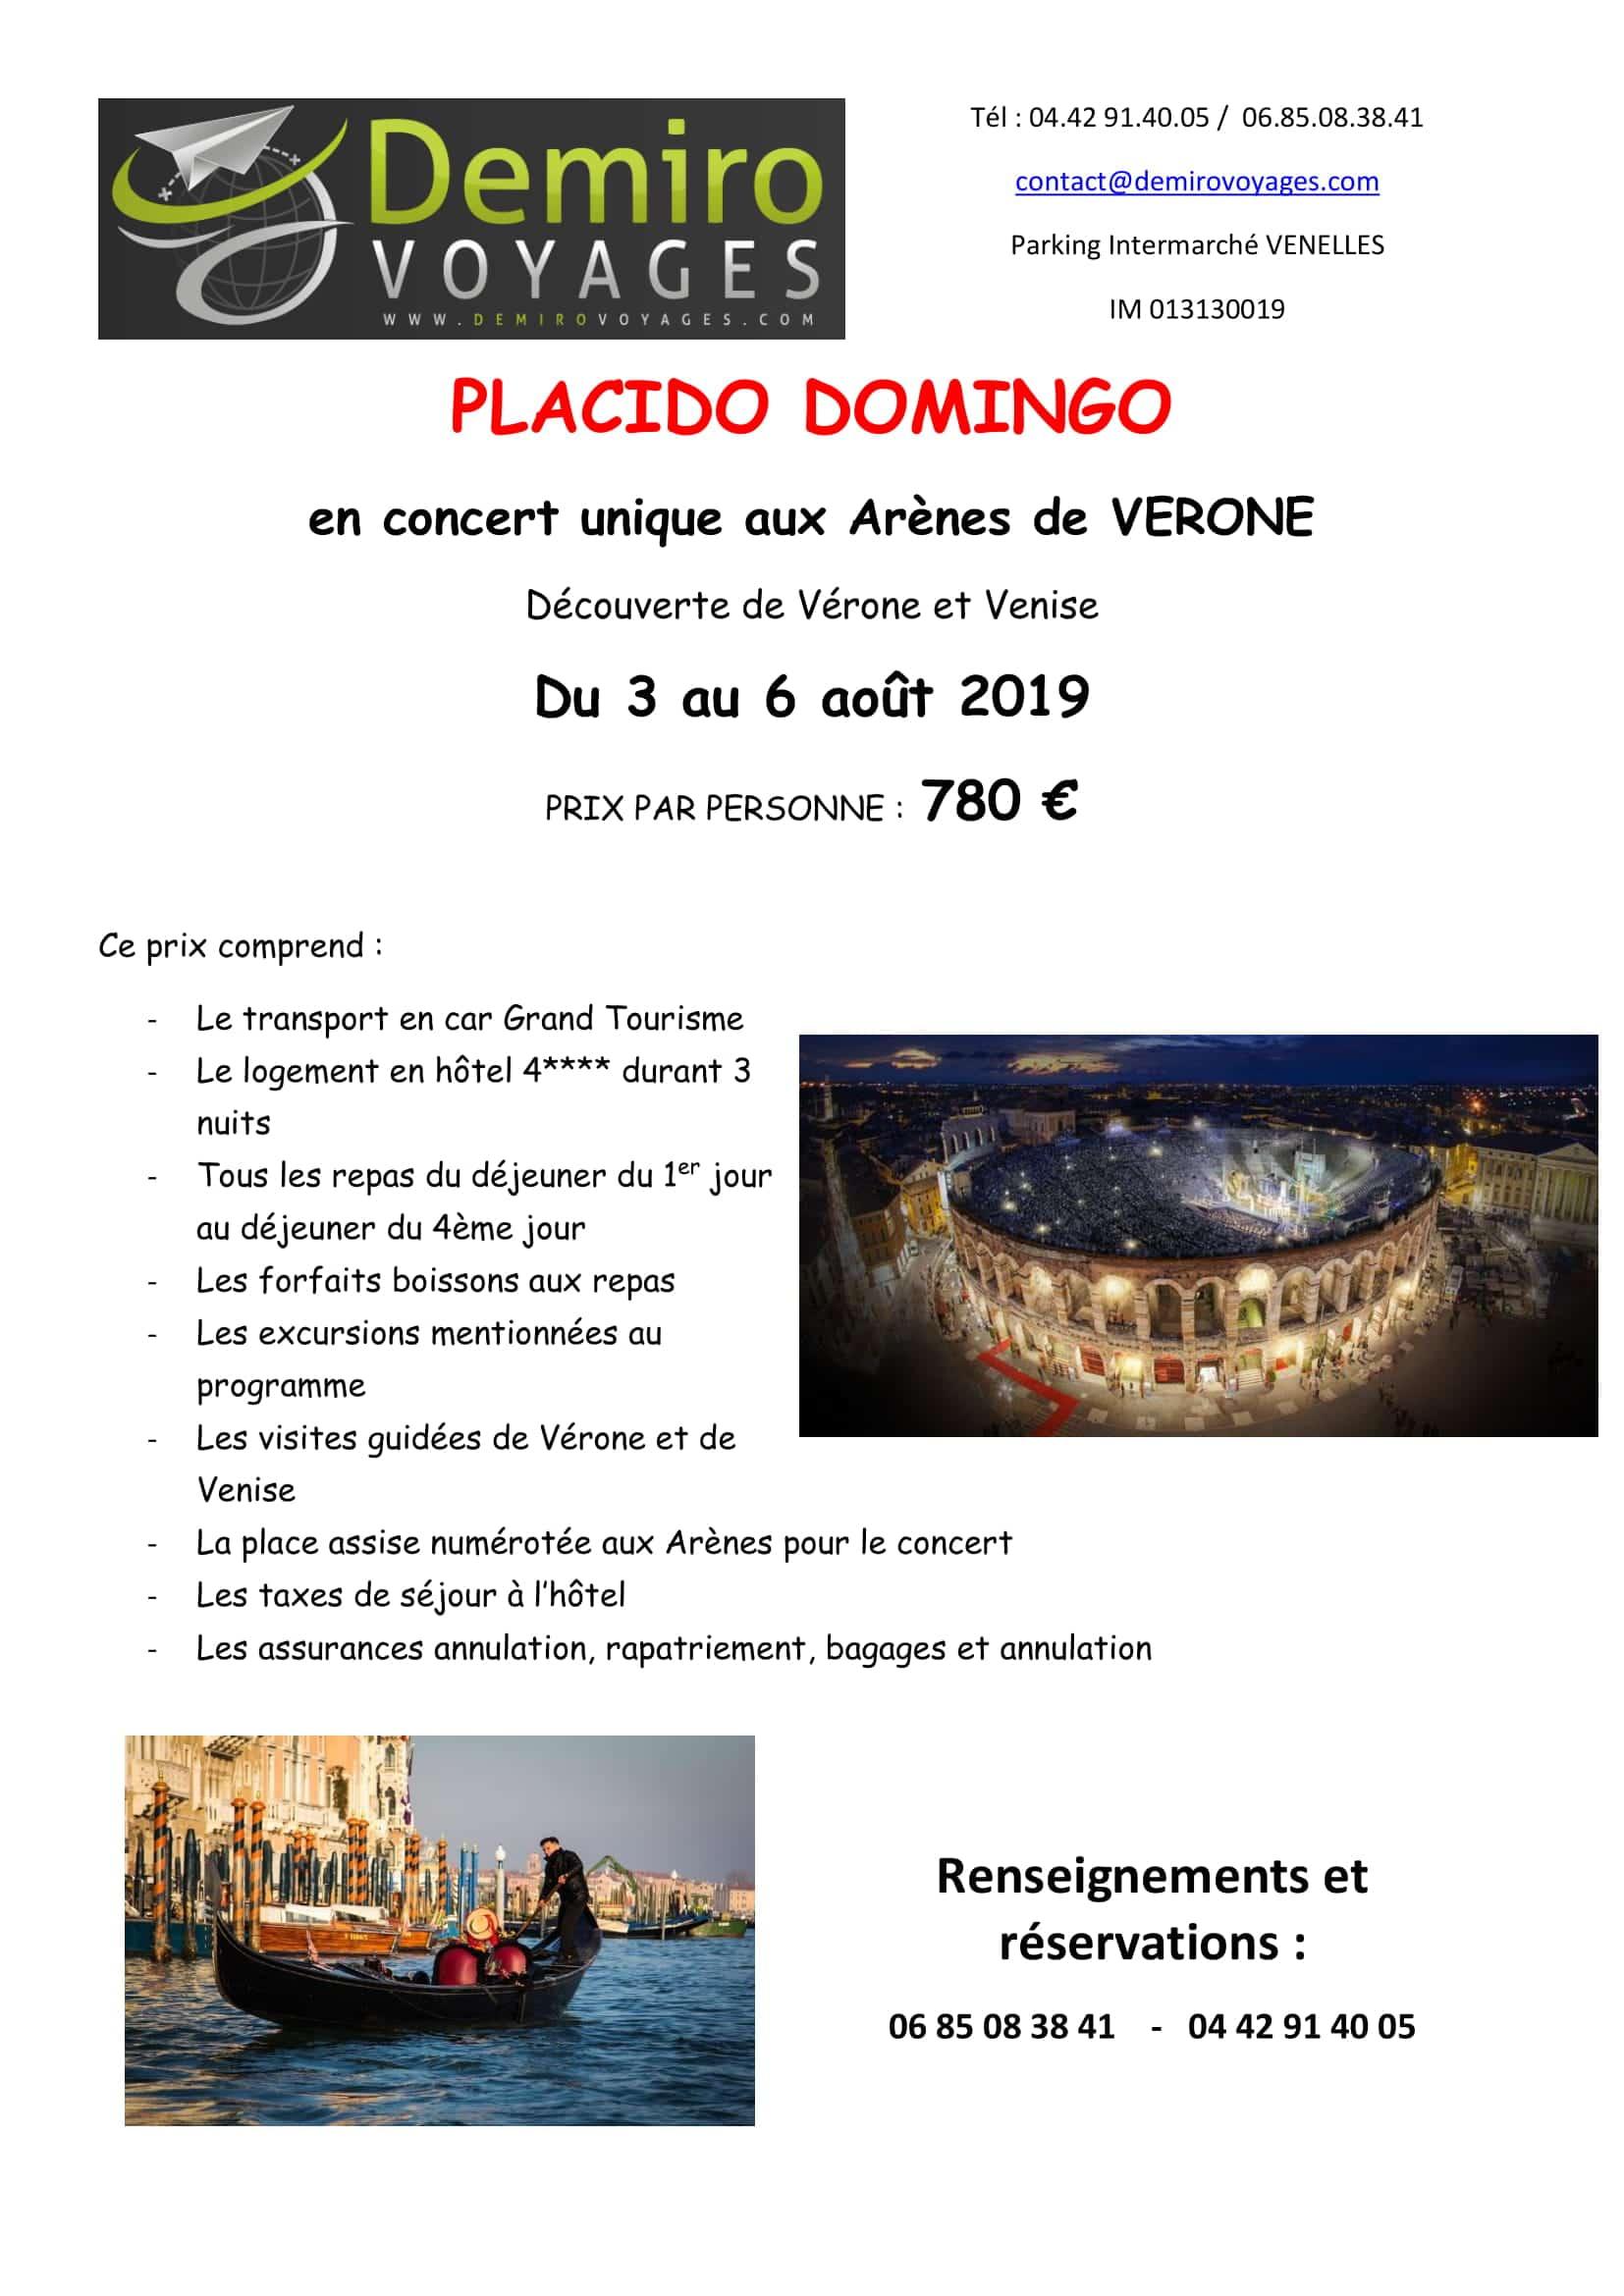 Placido Domingo Concert verone italie Voyage